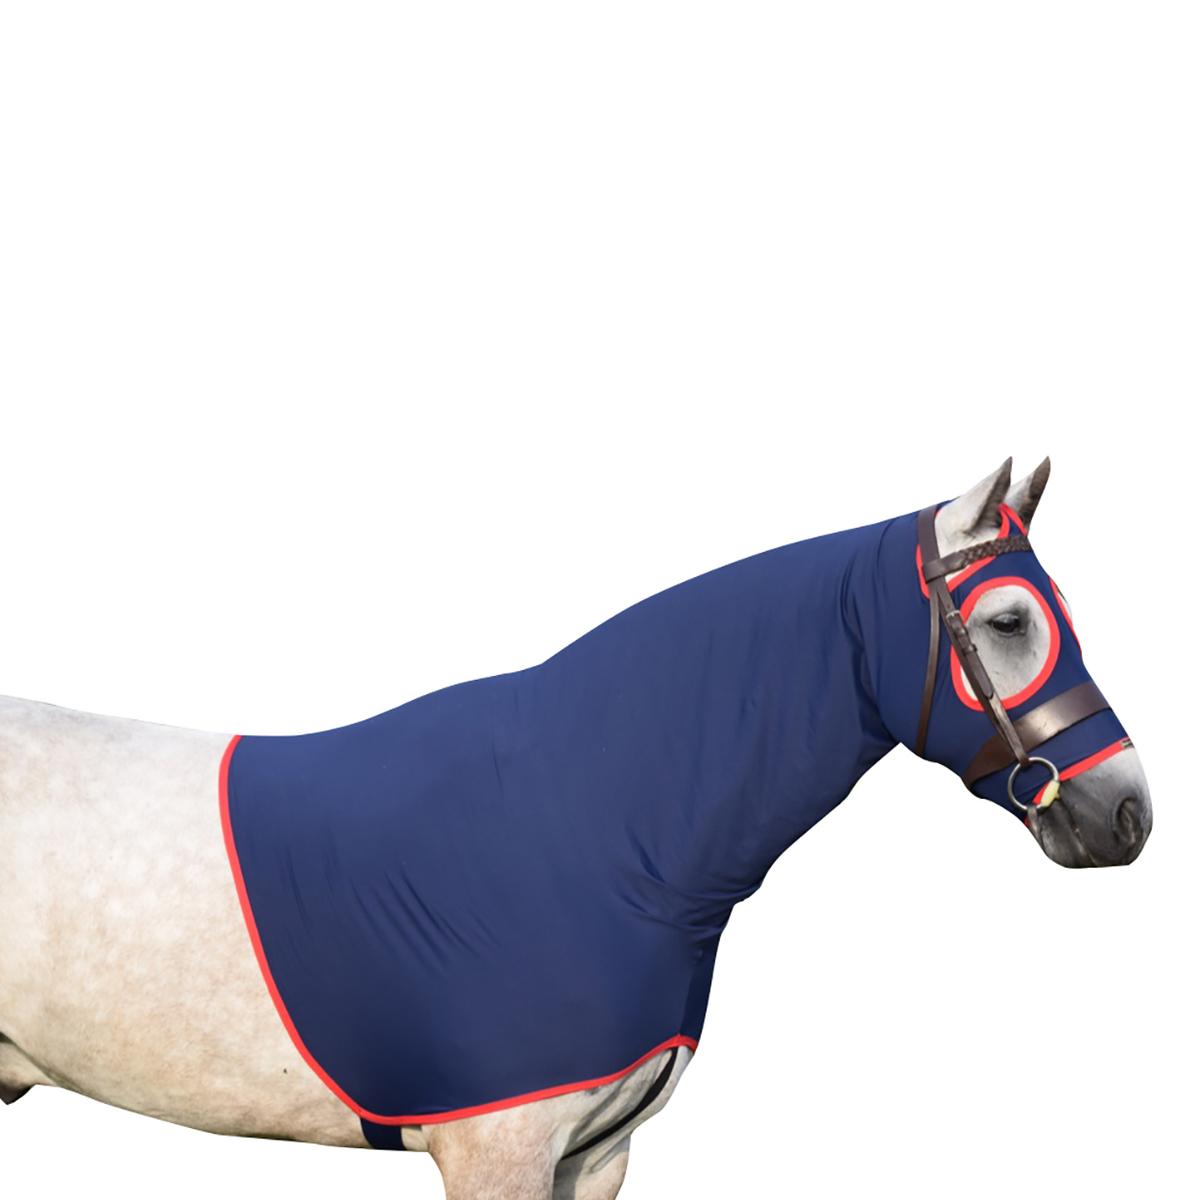 (ビーバー・ラグ・カンパニー) Belvoir Rug Company 馬用 Show Hood Life ラグ 馬着 乗馬 ホースライディング 【海外直送】